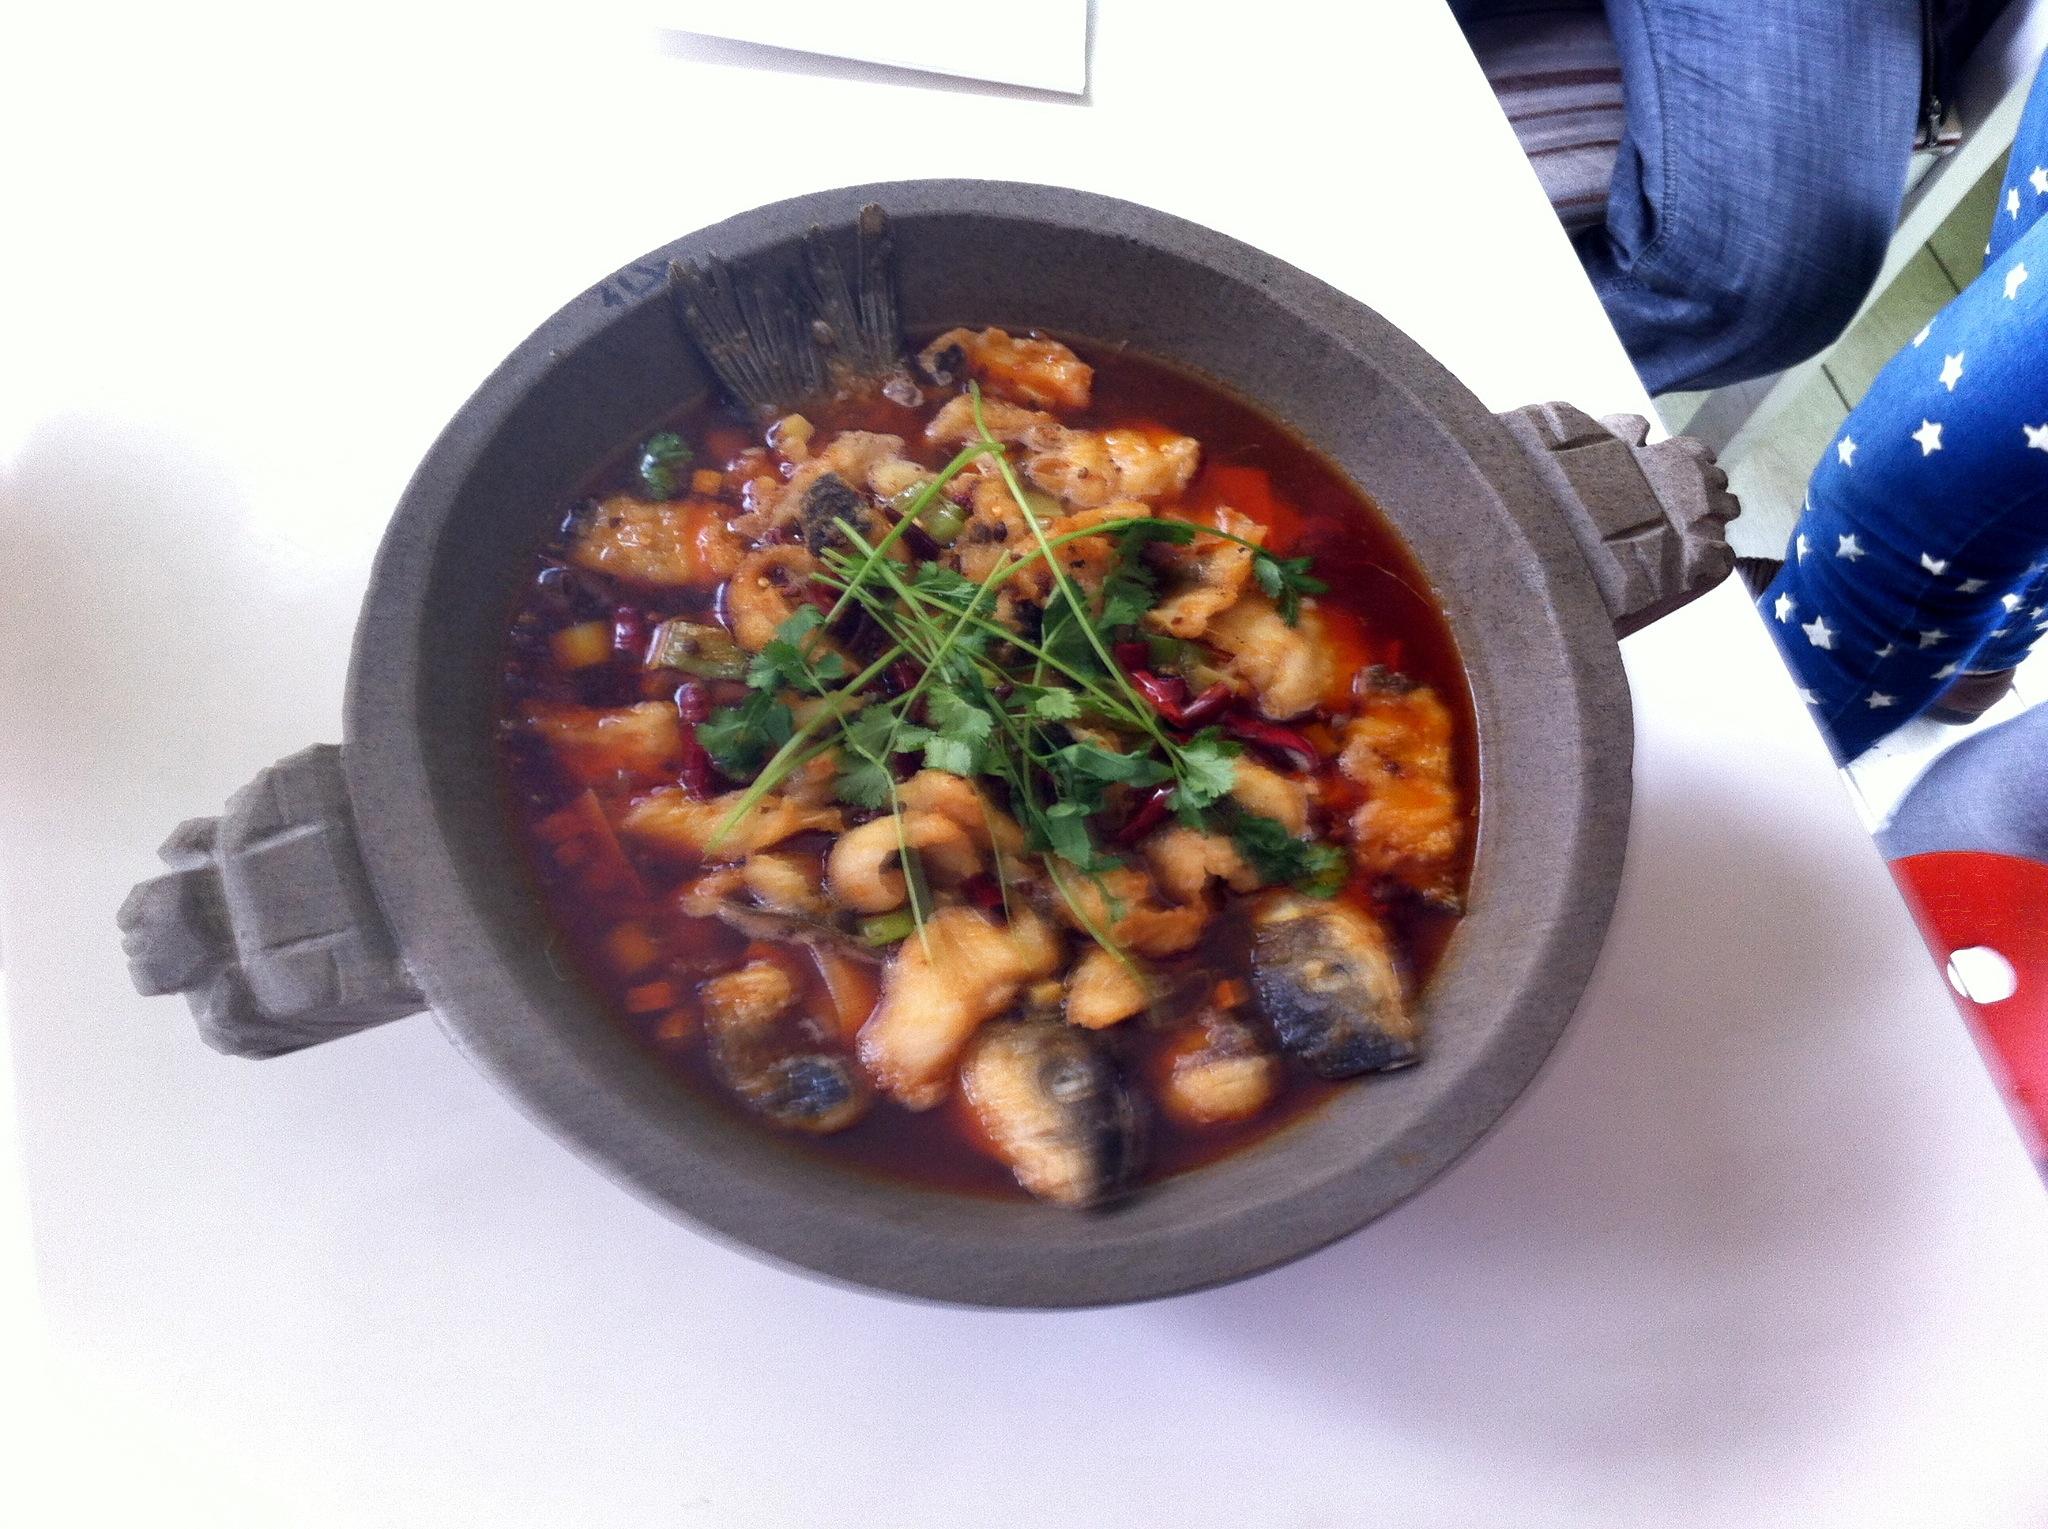 石锅鱼学习_石锅鱼专业加盟培训班-怎么做石锅鱼才好吃